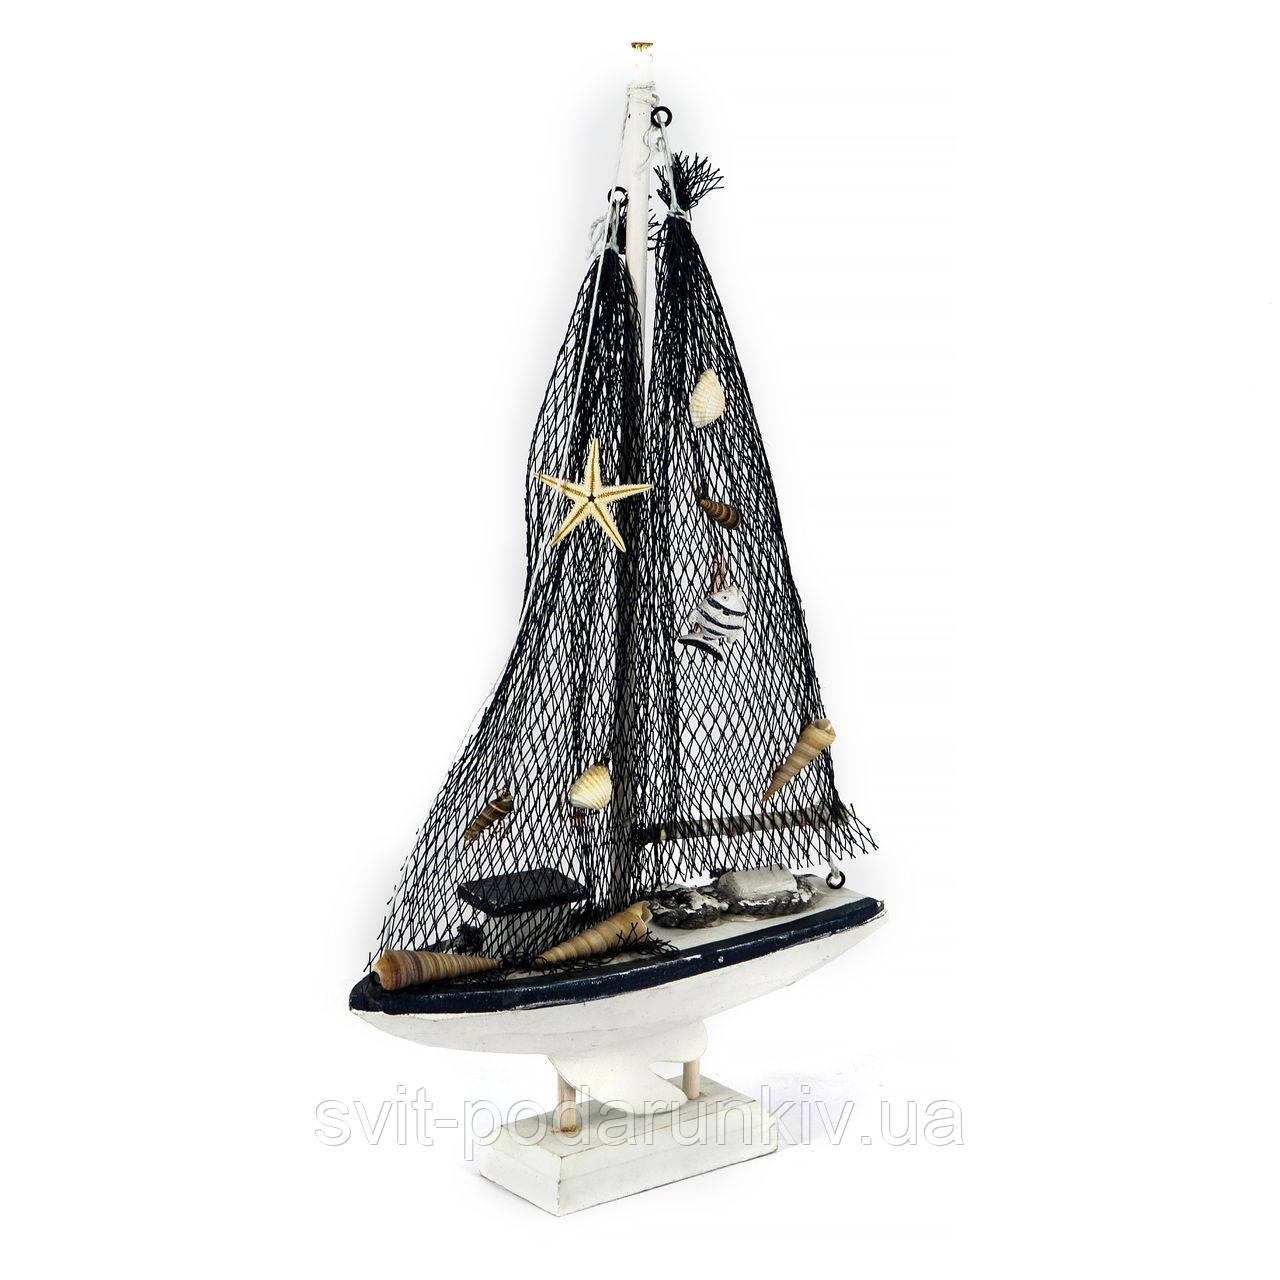 модель парусной яхты